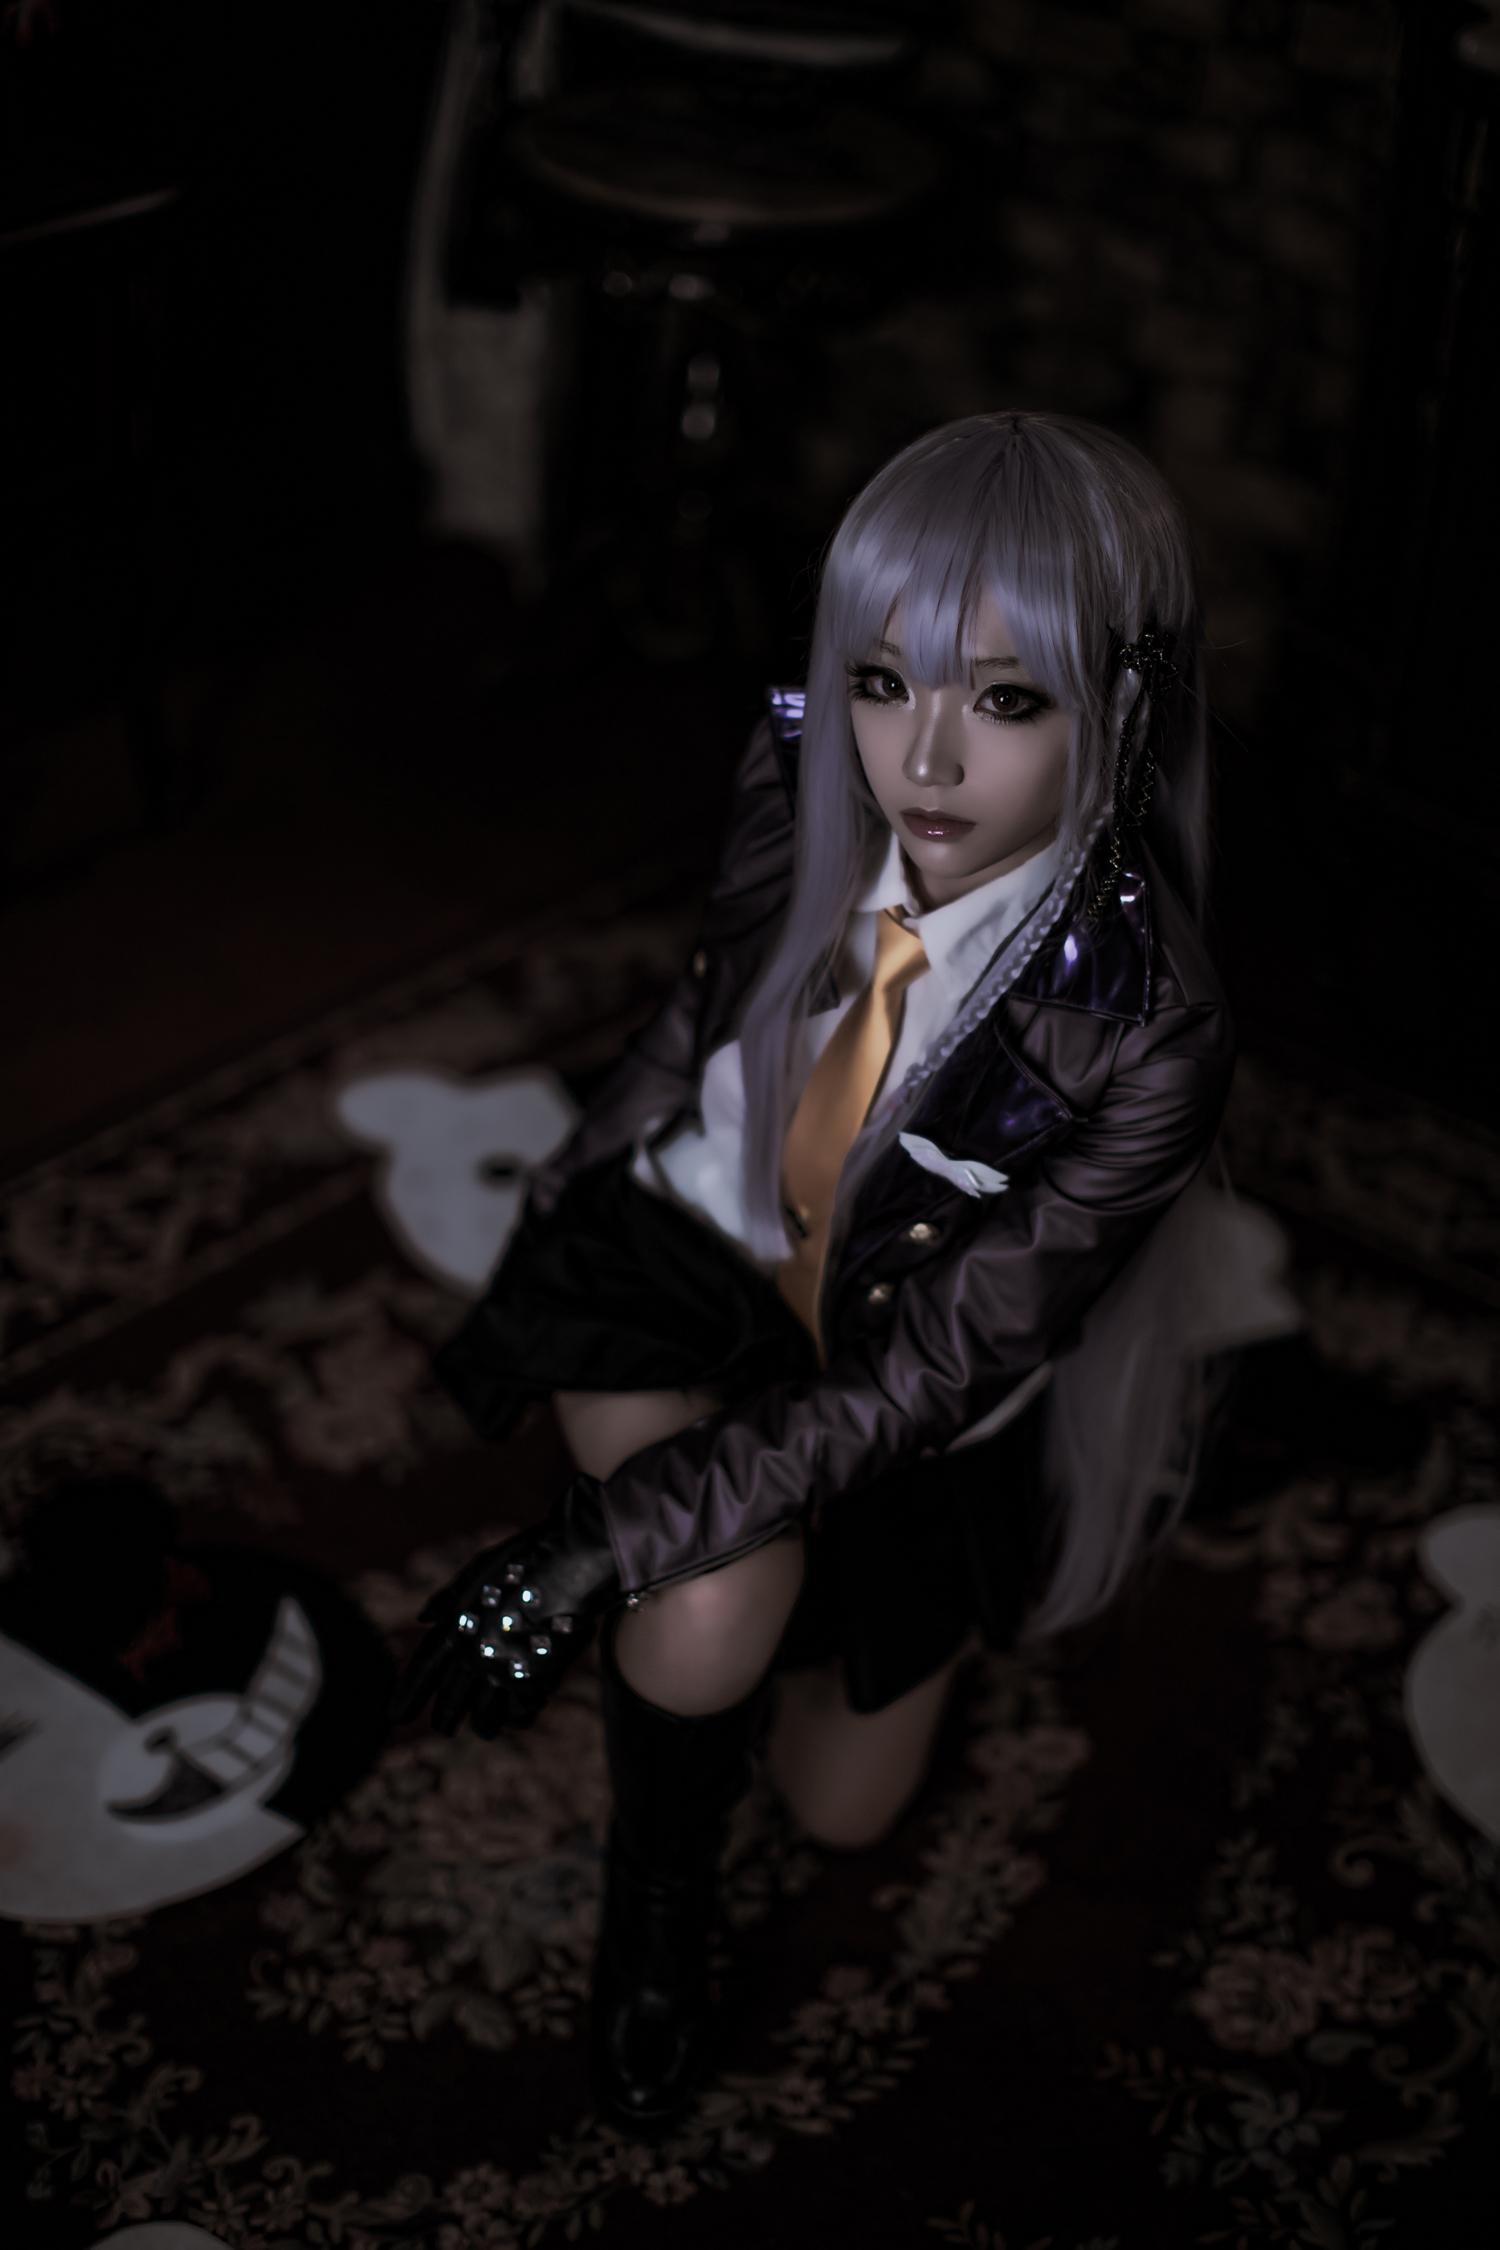 Classy Kyouko Kirigiri Cosplay by Aza Miyuko haruhichan.com Danganronpa Kibou no Gakuen to Zetsubou no Koukousei Kyouko Kirigiri cosplay 19